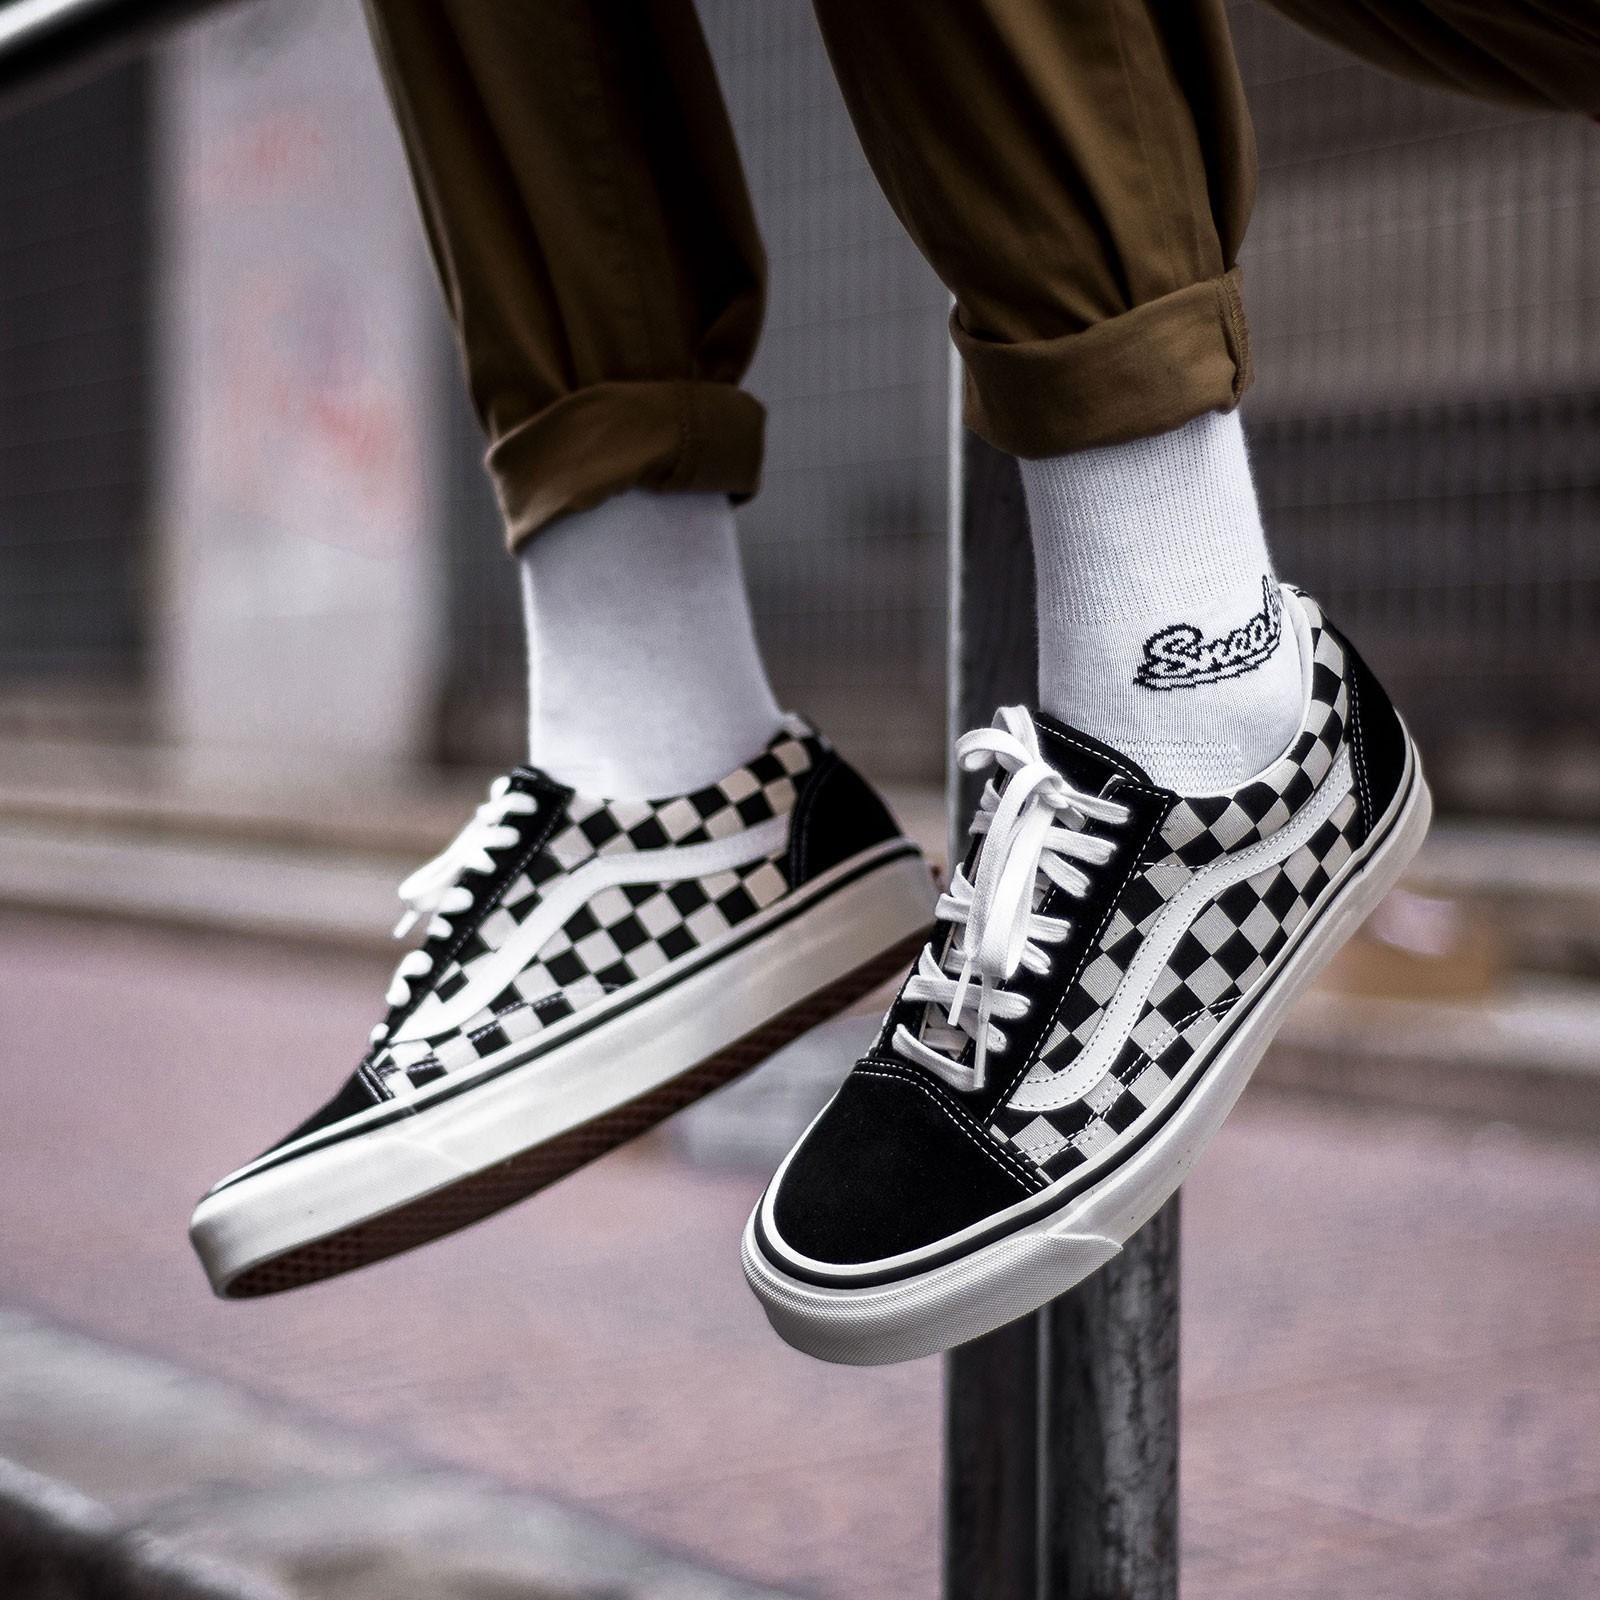 Hướng dẫn bảo quản giày Vans Old Skool giá rẻ bền và đẹp theo thời gian